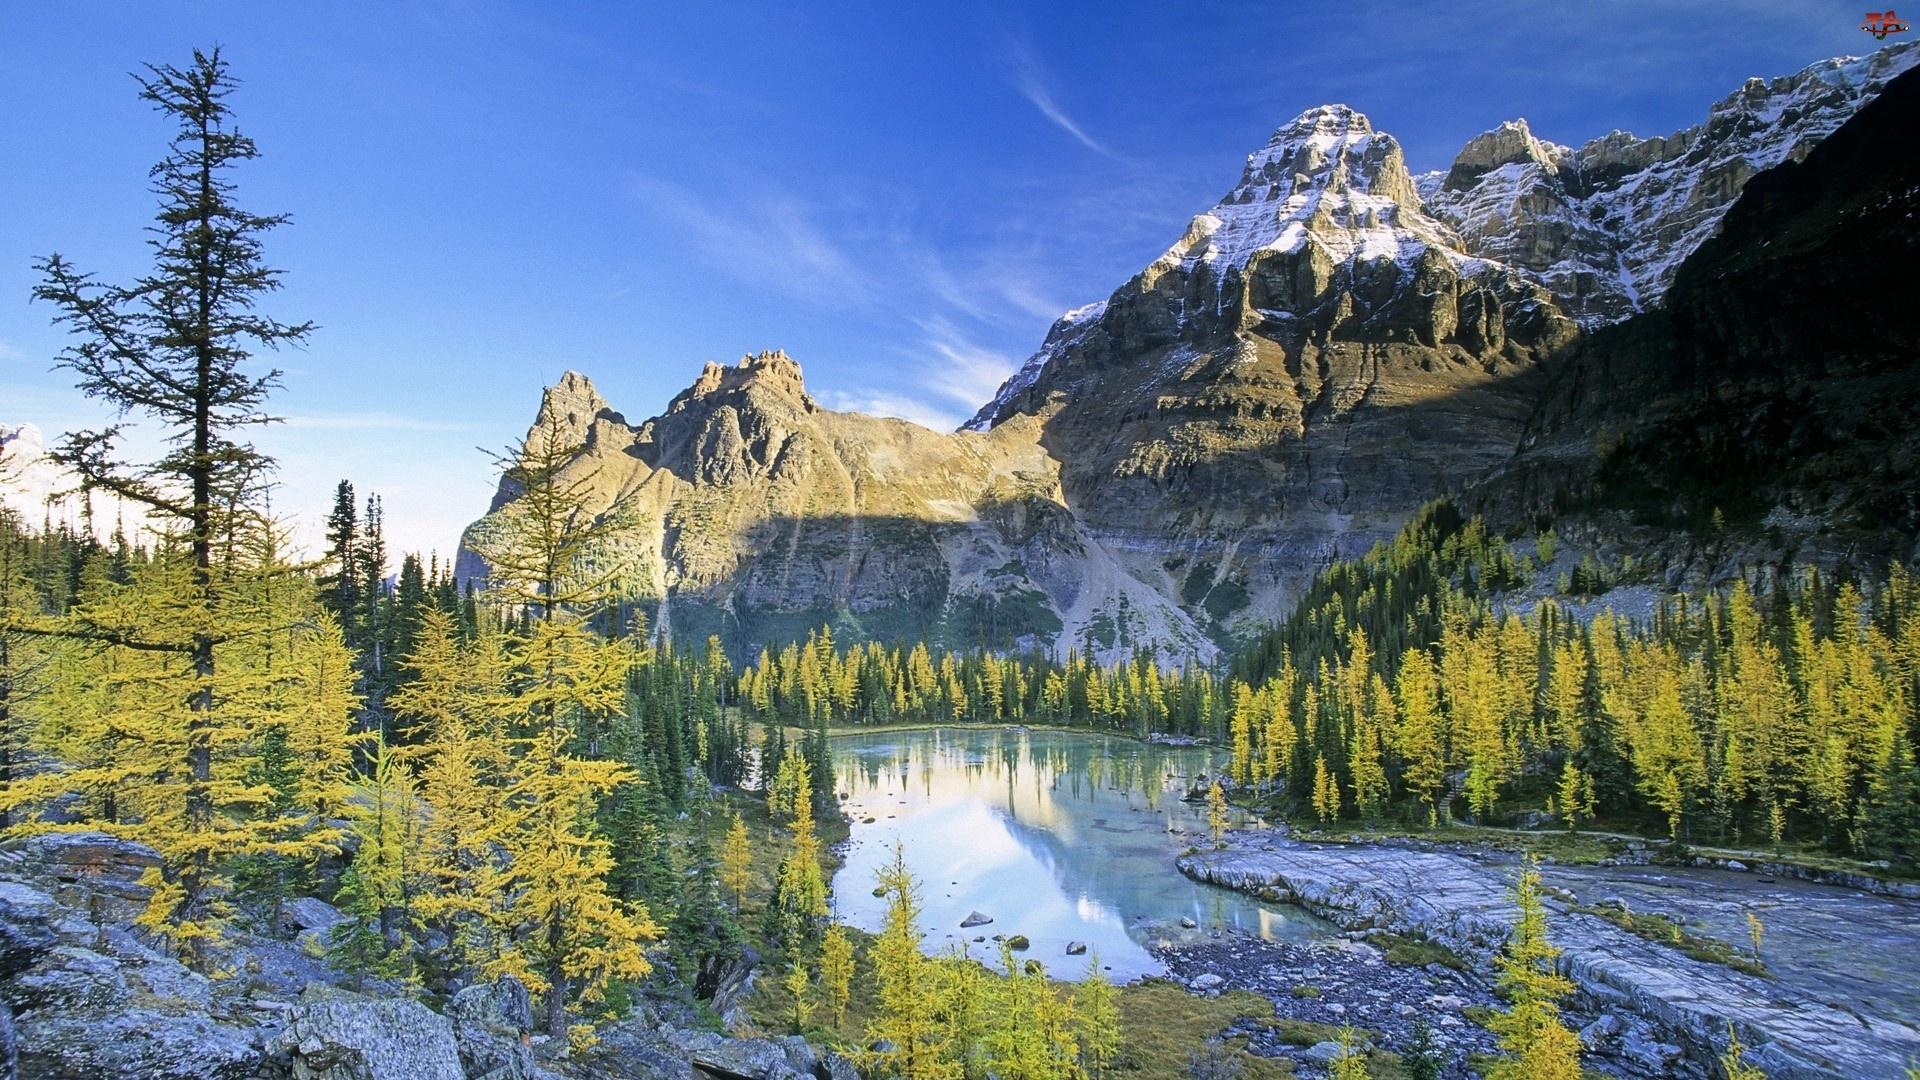 Góry, Woda, Niebo, Drzewa